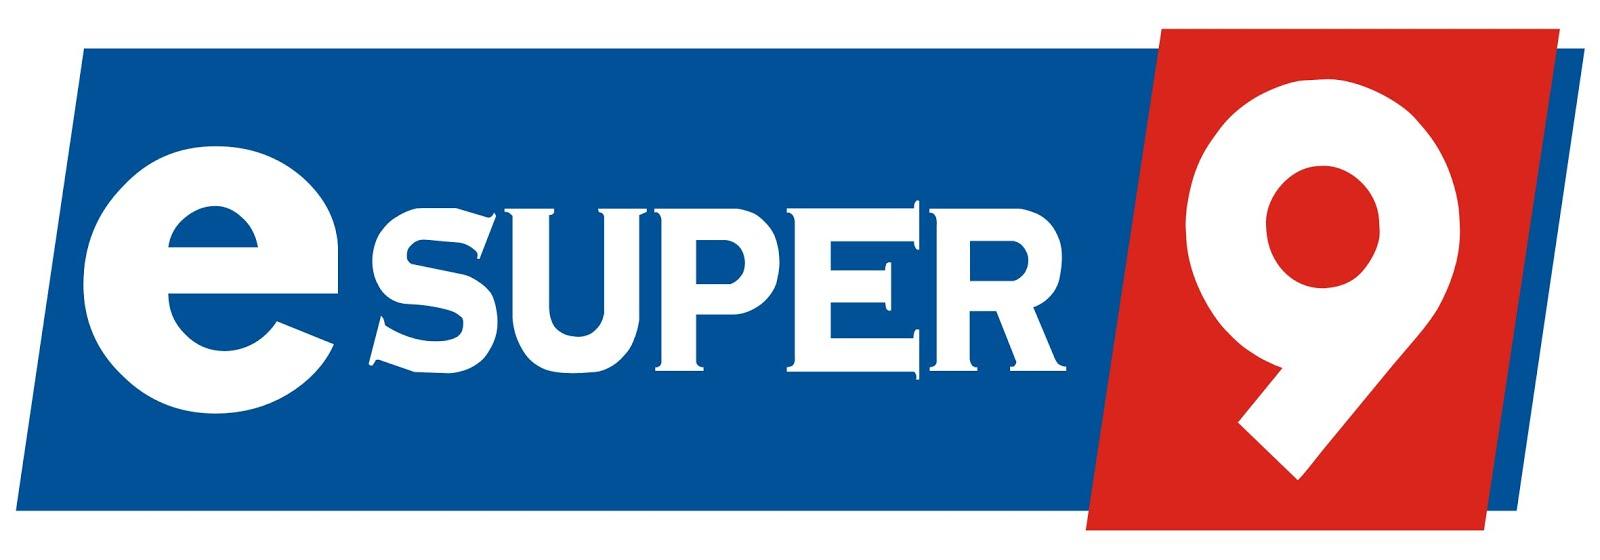 esuper9